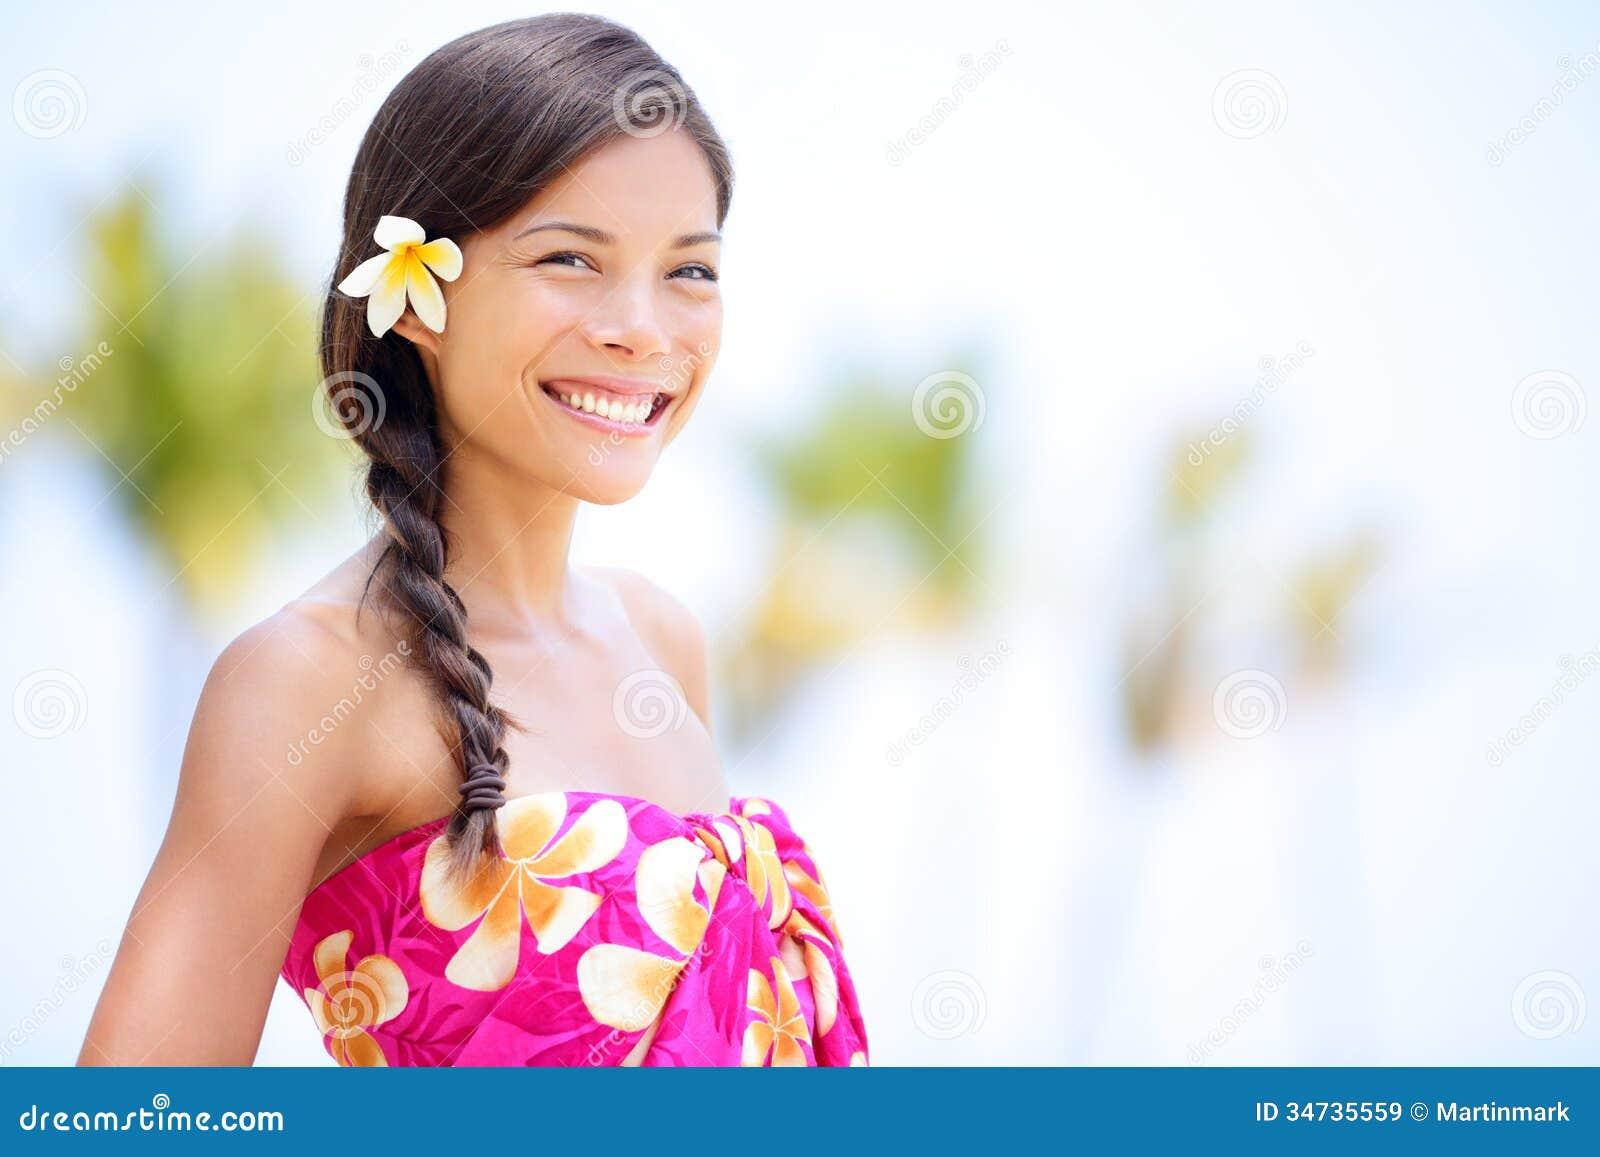 Mix And Japanese N Visit Of Exotic Hawaiian